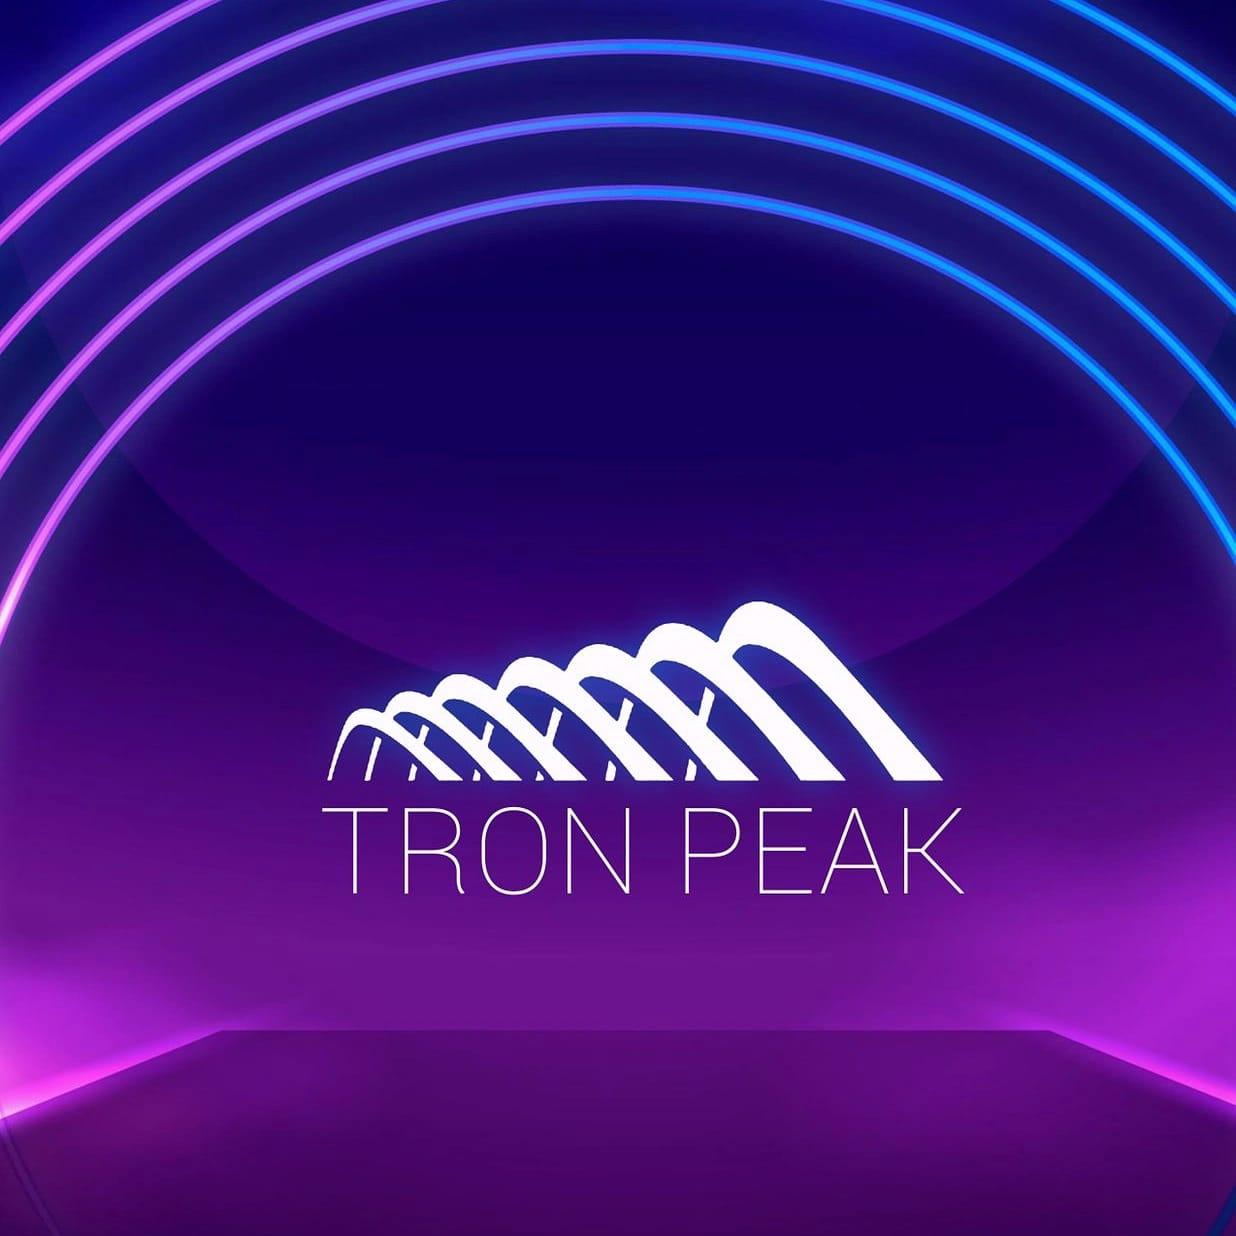 TronPeak logo